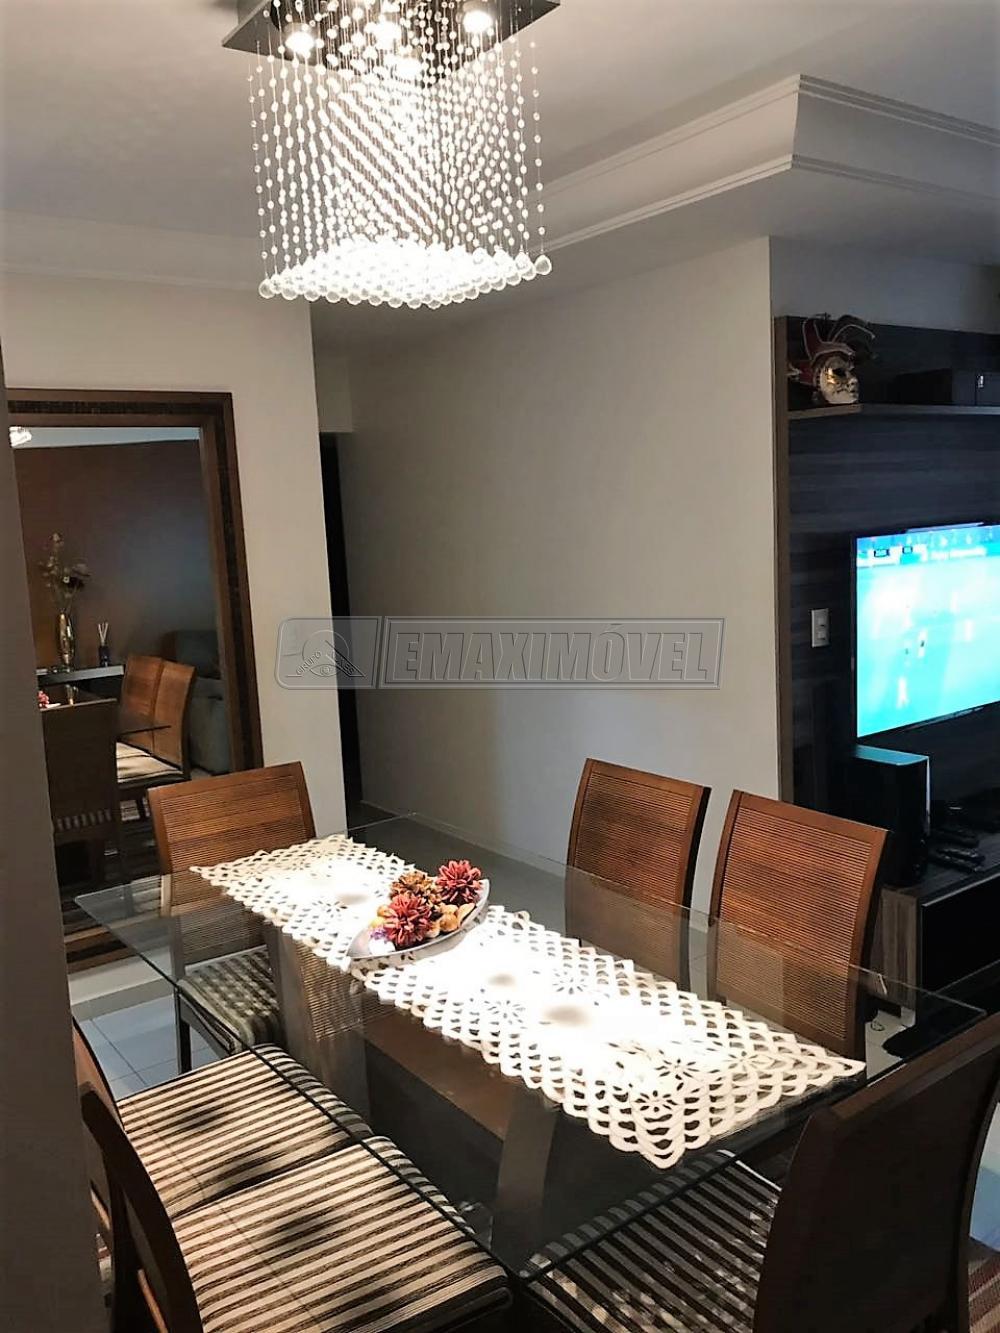 Comprar Apartamentos / Apto Padrão em Sorocaba apenas R$ 600.000,00 - Foto 9